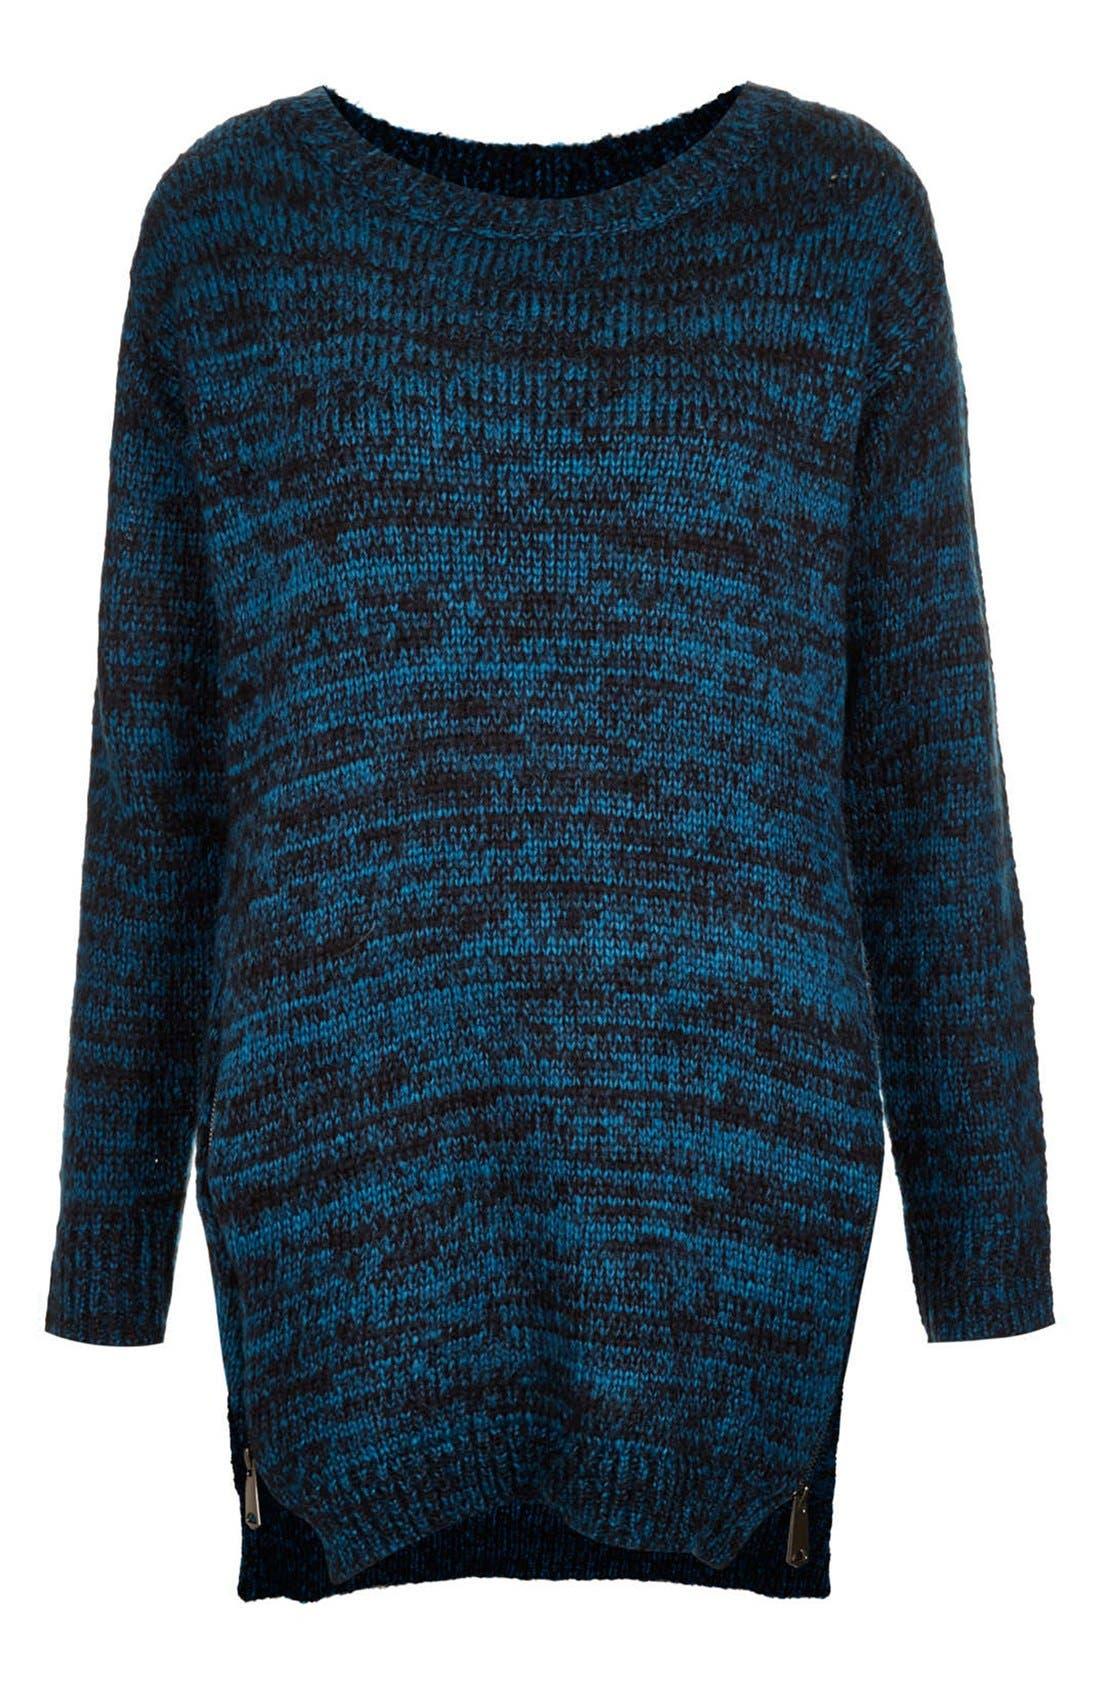 Alternate Image 3  - Topshop Side Zip Tweed Sweater